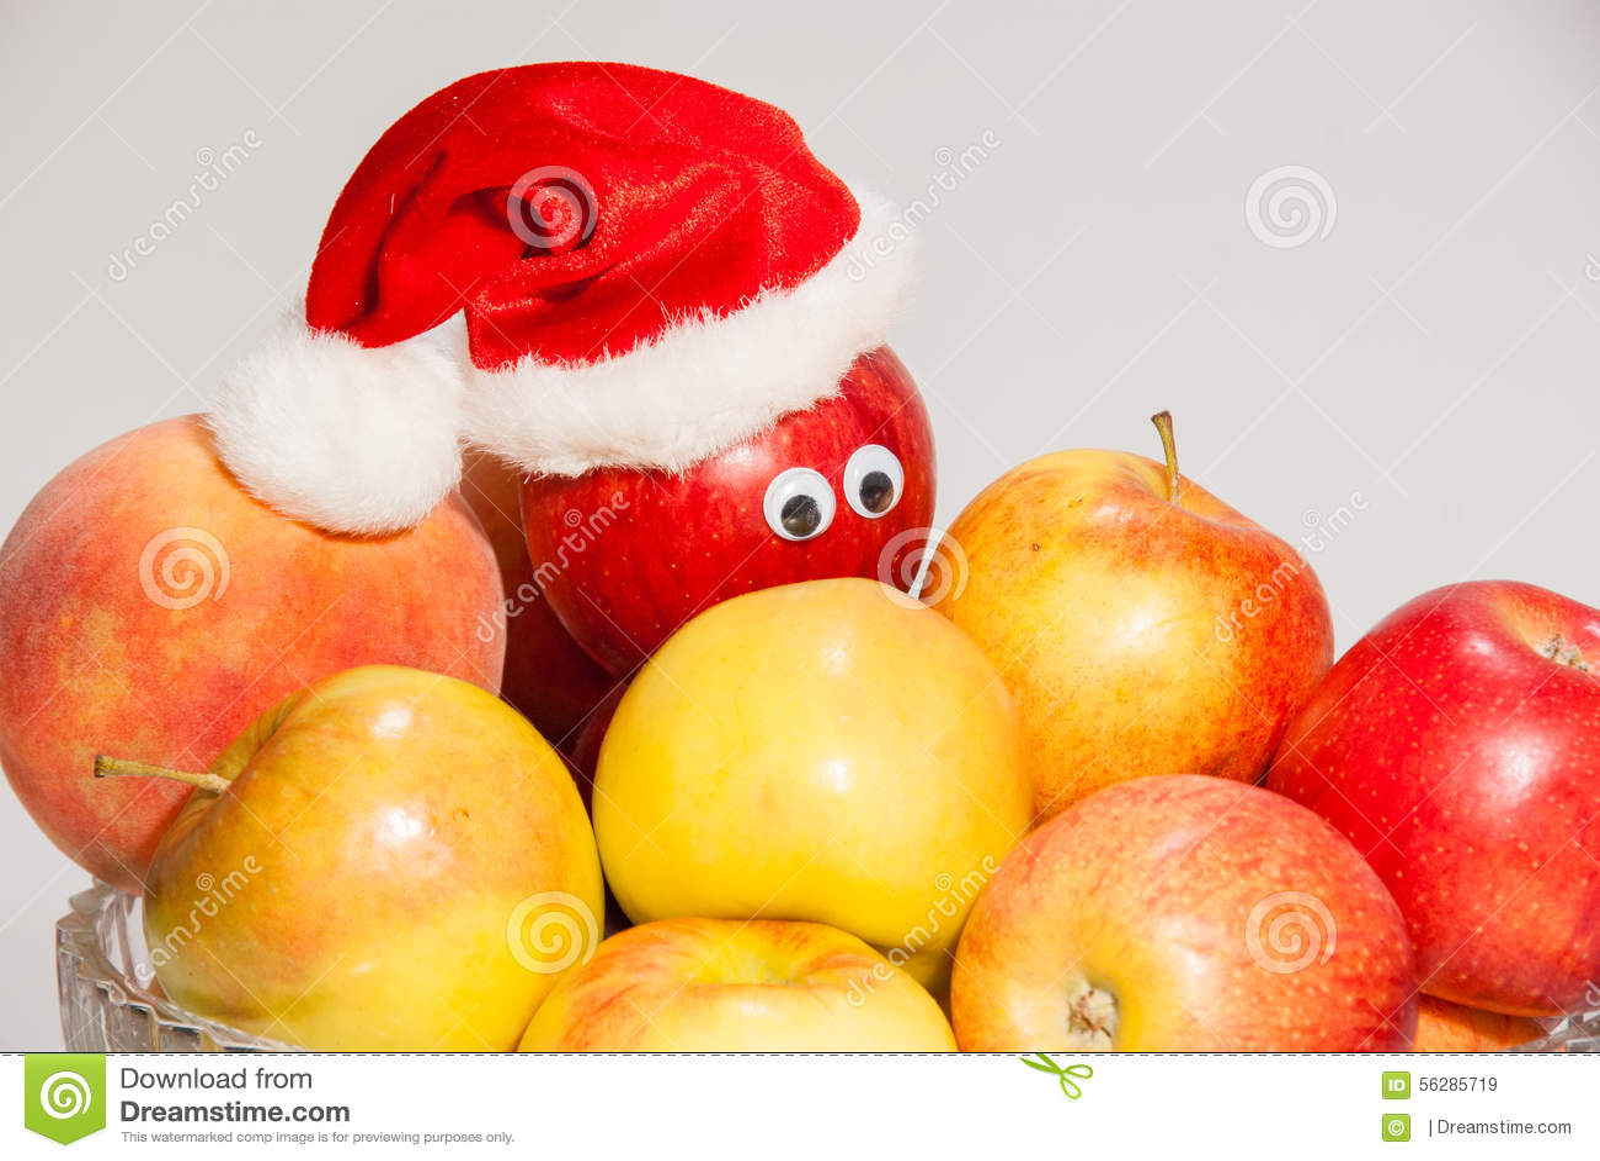 Vase En Verre De Fruits Avec Les Boites Et Le Chapeau De Noel Image